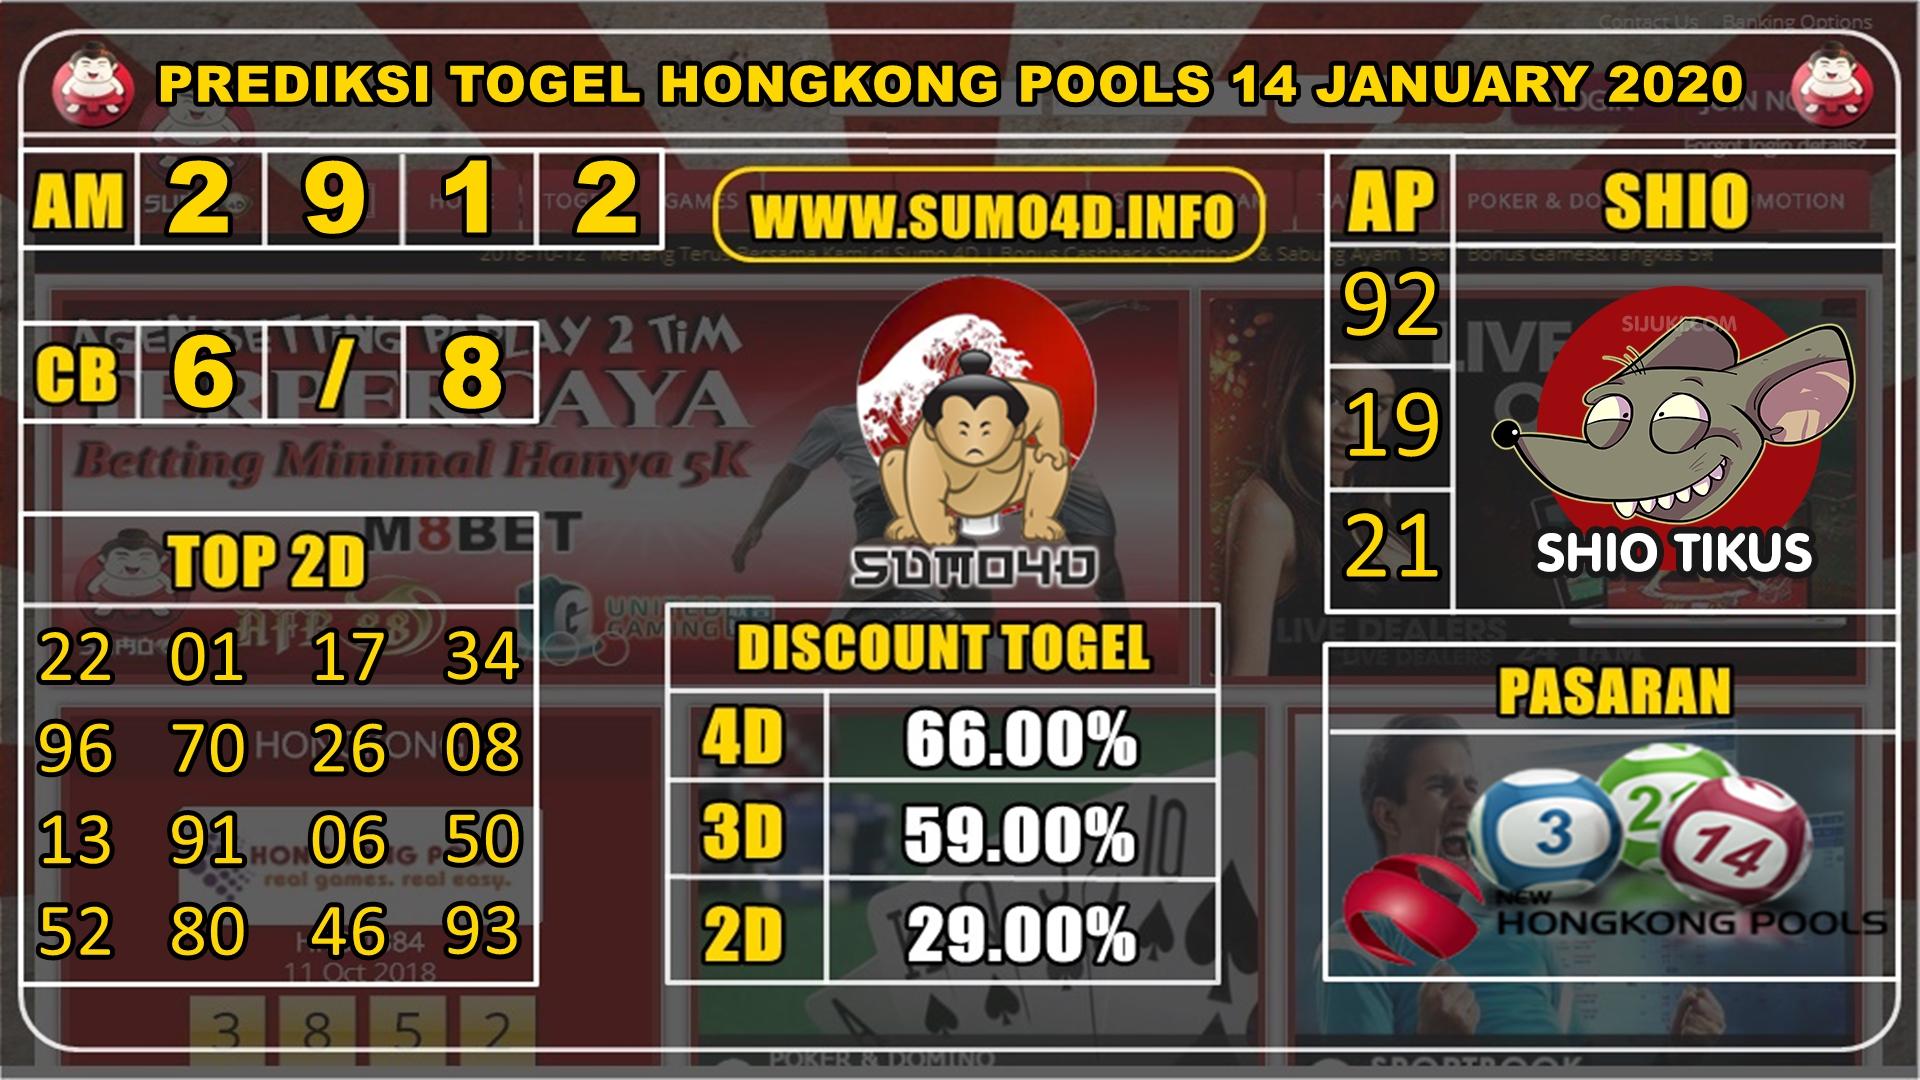 PREDIKSI TOGEL HONGKONG POOLS 14 JANUARY 2020